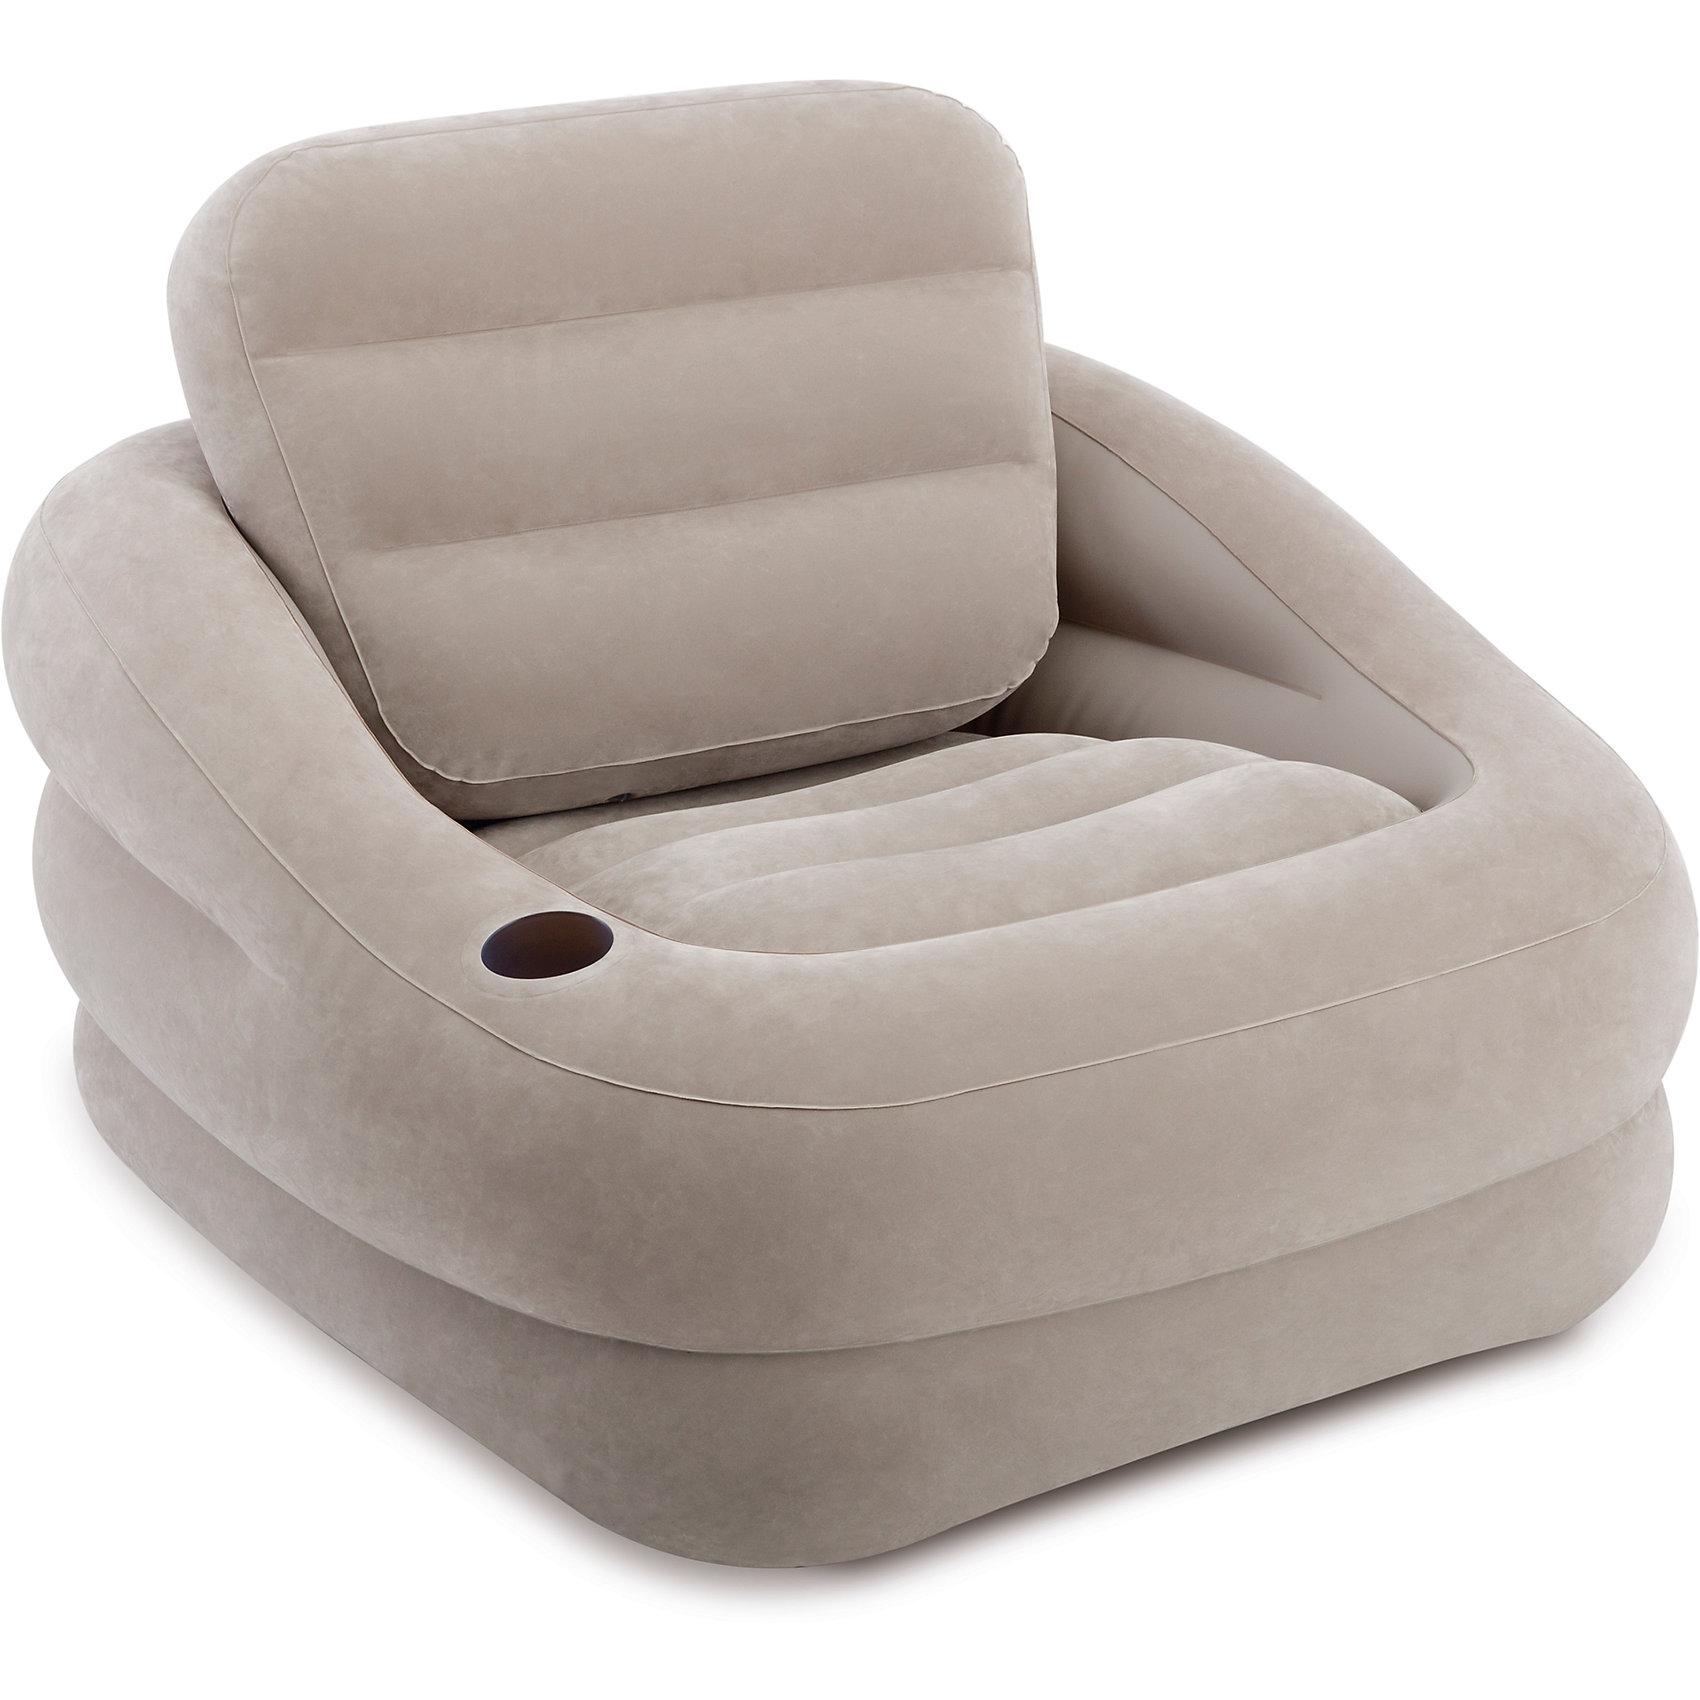 Надувное кресло Акцент 97х107х71см, Intex, серыйДомики и мебель<br>Характеристики:<br><br>• материал: поливинилхлорид, 100%<br>• размеры места (ВхШхД): 97х71х107 см <br>• максимальная нагрузка: до 100 кг<br>• повышенная прочность материала<br>• предусмотрена подставка для стакана<br>• велюровая поверхность<br>• вес в упаковке: 3 кг 573 г<br>• размеры в упаковке (ДхШхВ): 40,5х36х13,5 см<br>• особенности ухода: влажная и сухая чистка<br><br>Надувное кресло выполнено из безопасного и прочного поливинилхлорида, поверхность – из материала, подобного велюру. Кресло имеет эргономичную форму, за счет чего обеспечивается повышенные комфортные условия. <br><br>Надувное кресло Акцент 97х107х71см, Intex, серый идеально подходит для детской комнаты или дачи: его легкий вес и компактный размер в упаковке позволяют брать собой в поездки. <br><br>Надувное кресло Акцент 97х107х71см, Intex, зеленый станет вашим незаменимым спутником дома, на природе, даче или даже на пляже! <br><br>Надувное кресло Акцент 97х107х71см, Intex, серый можно купить в нашем интернет-магазине.<br><br>Ширина мм: 410<br>Глубина мм: 360<br>Высота мм: 135<br>Вес г: 3573<br>Возраст от месяцев: 36<br>Возраст до месяцев: 1188<br>Пол: Унисекс<br>Возраст: Детский<br>SKU: 5630562